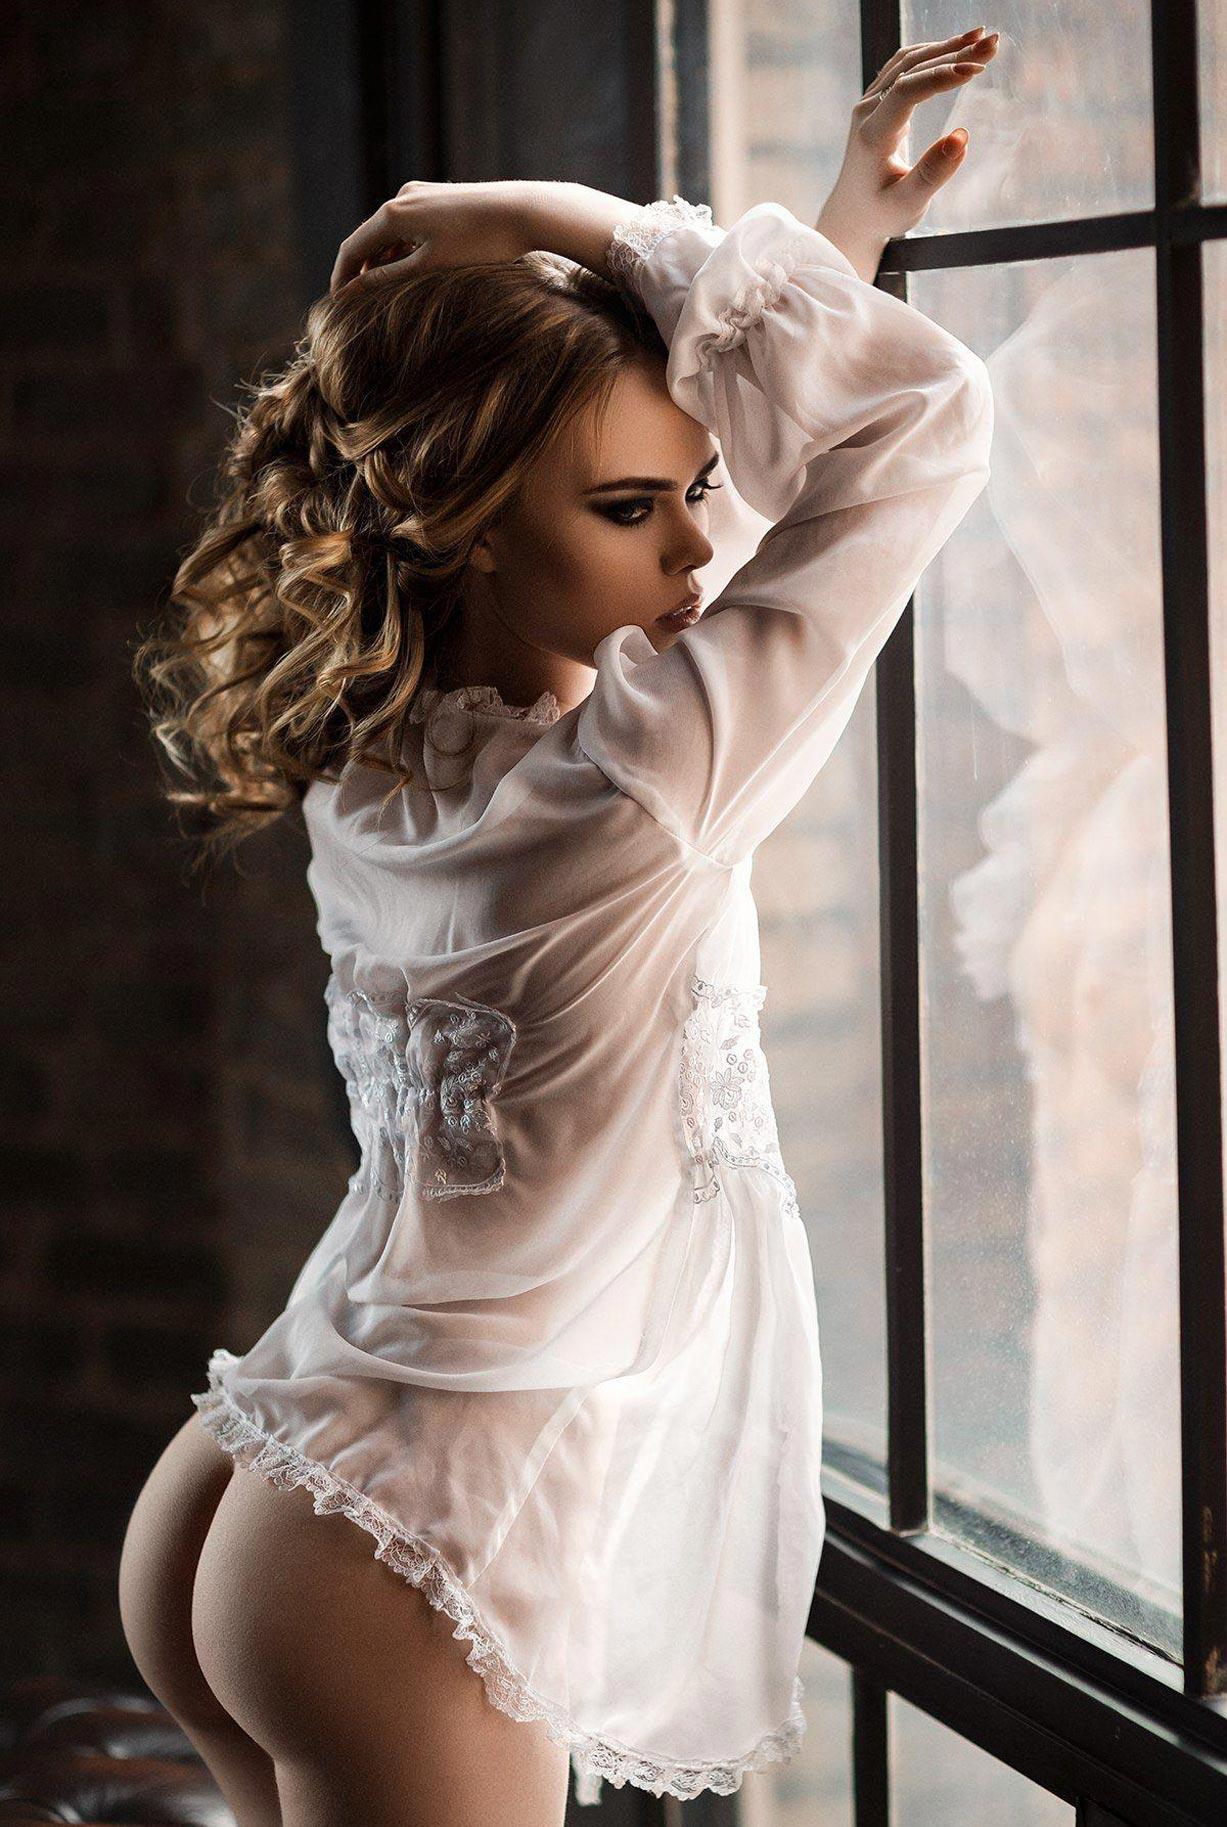 голая модель в винтажных интерьерах / сексуальная Эллина Мюллер / фото 12